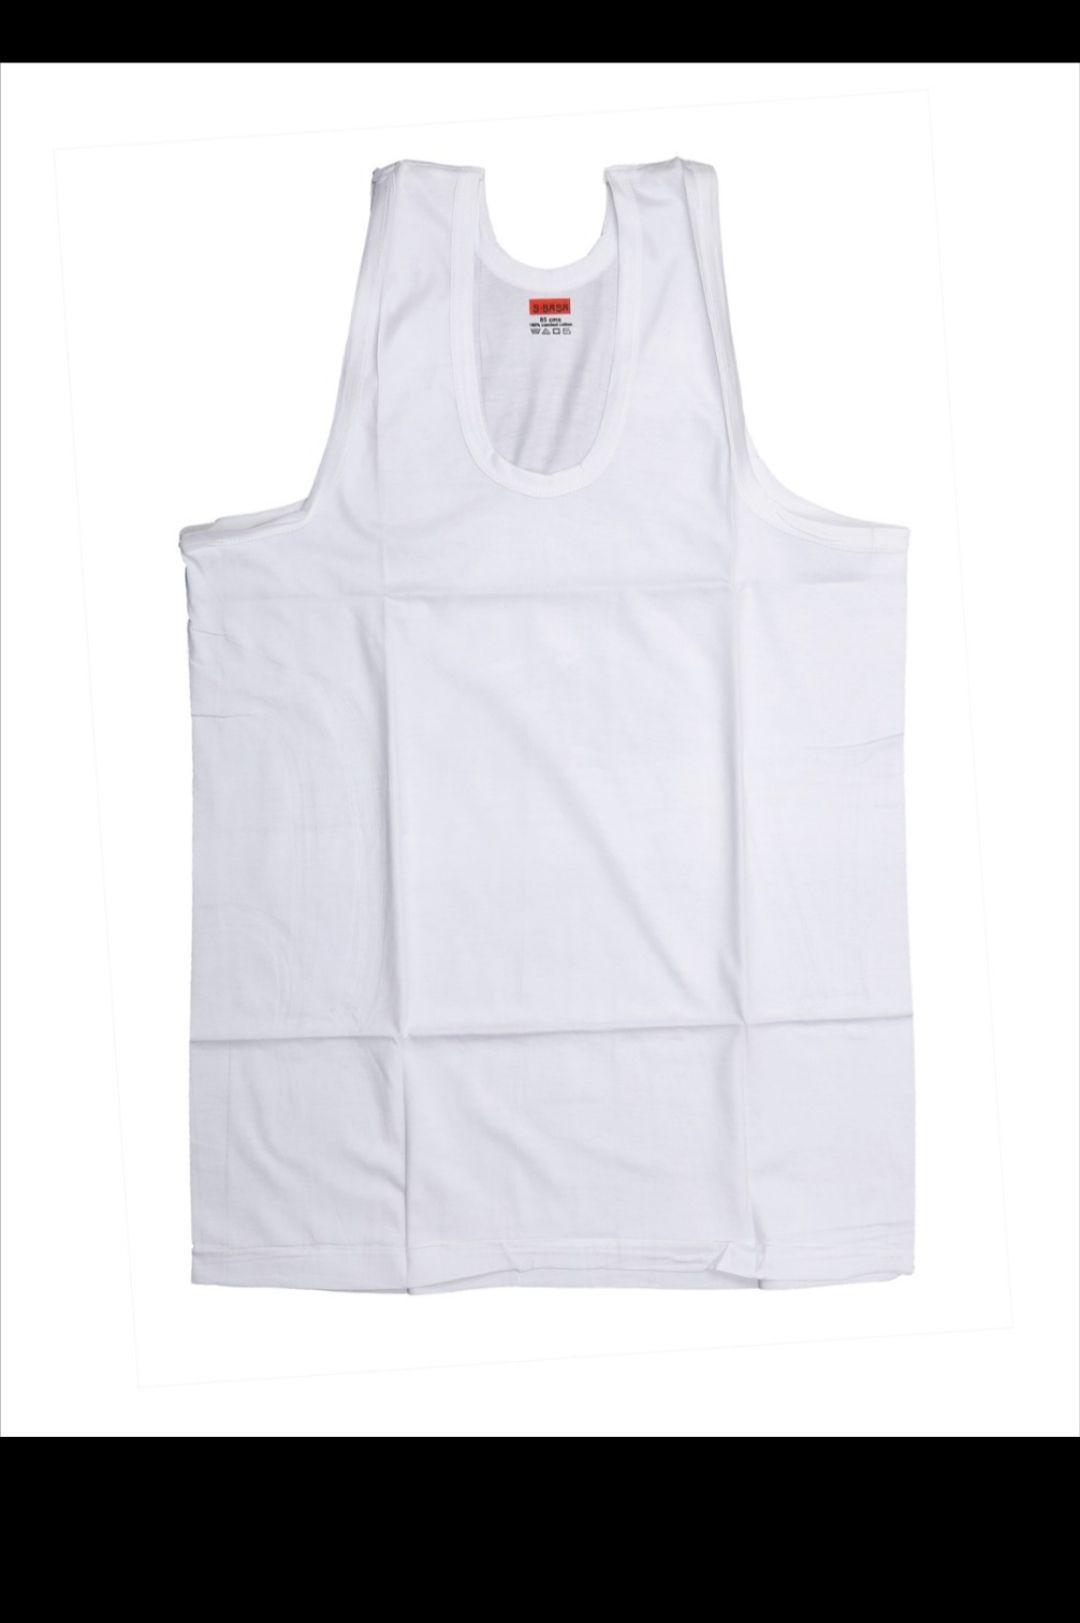 Mens vest, Ladies Tank tops, Pantys